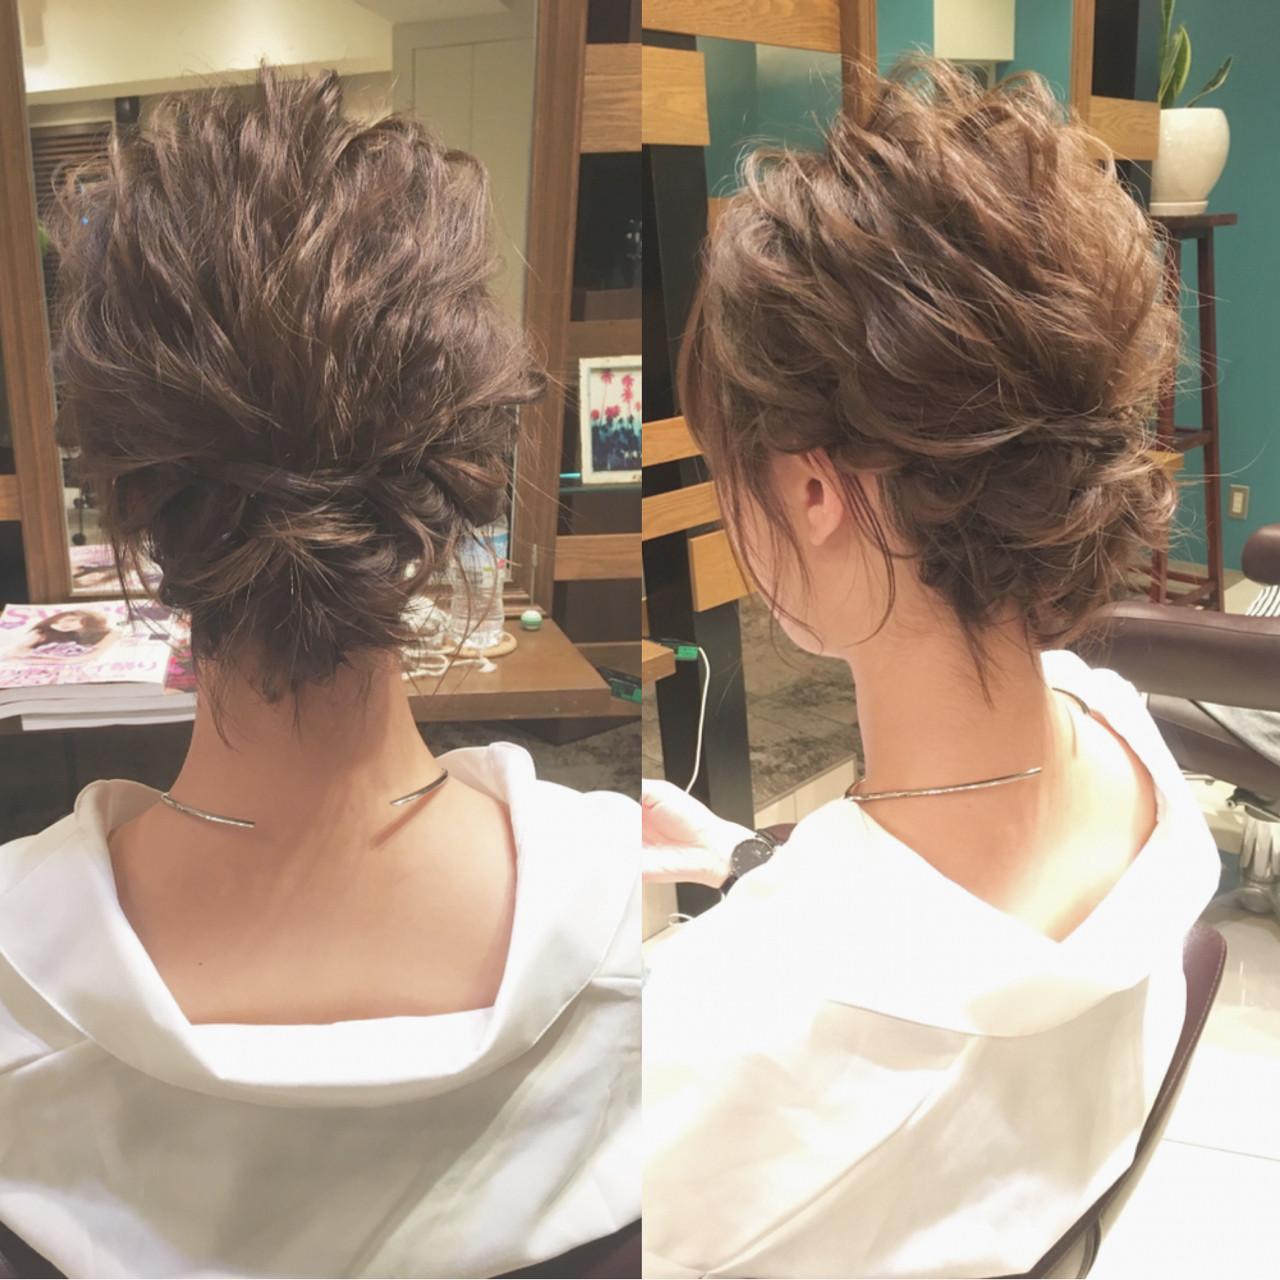 波ウェーブ ヘアアレンジ シニヨン ナチュラル ヘアスタイルや髪型の写真・画像 | 平川 元気 / MAPUNA